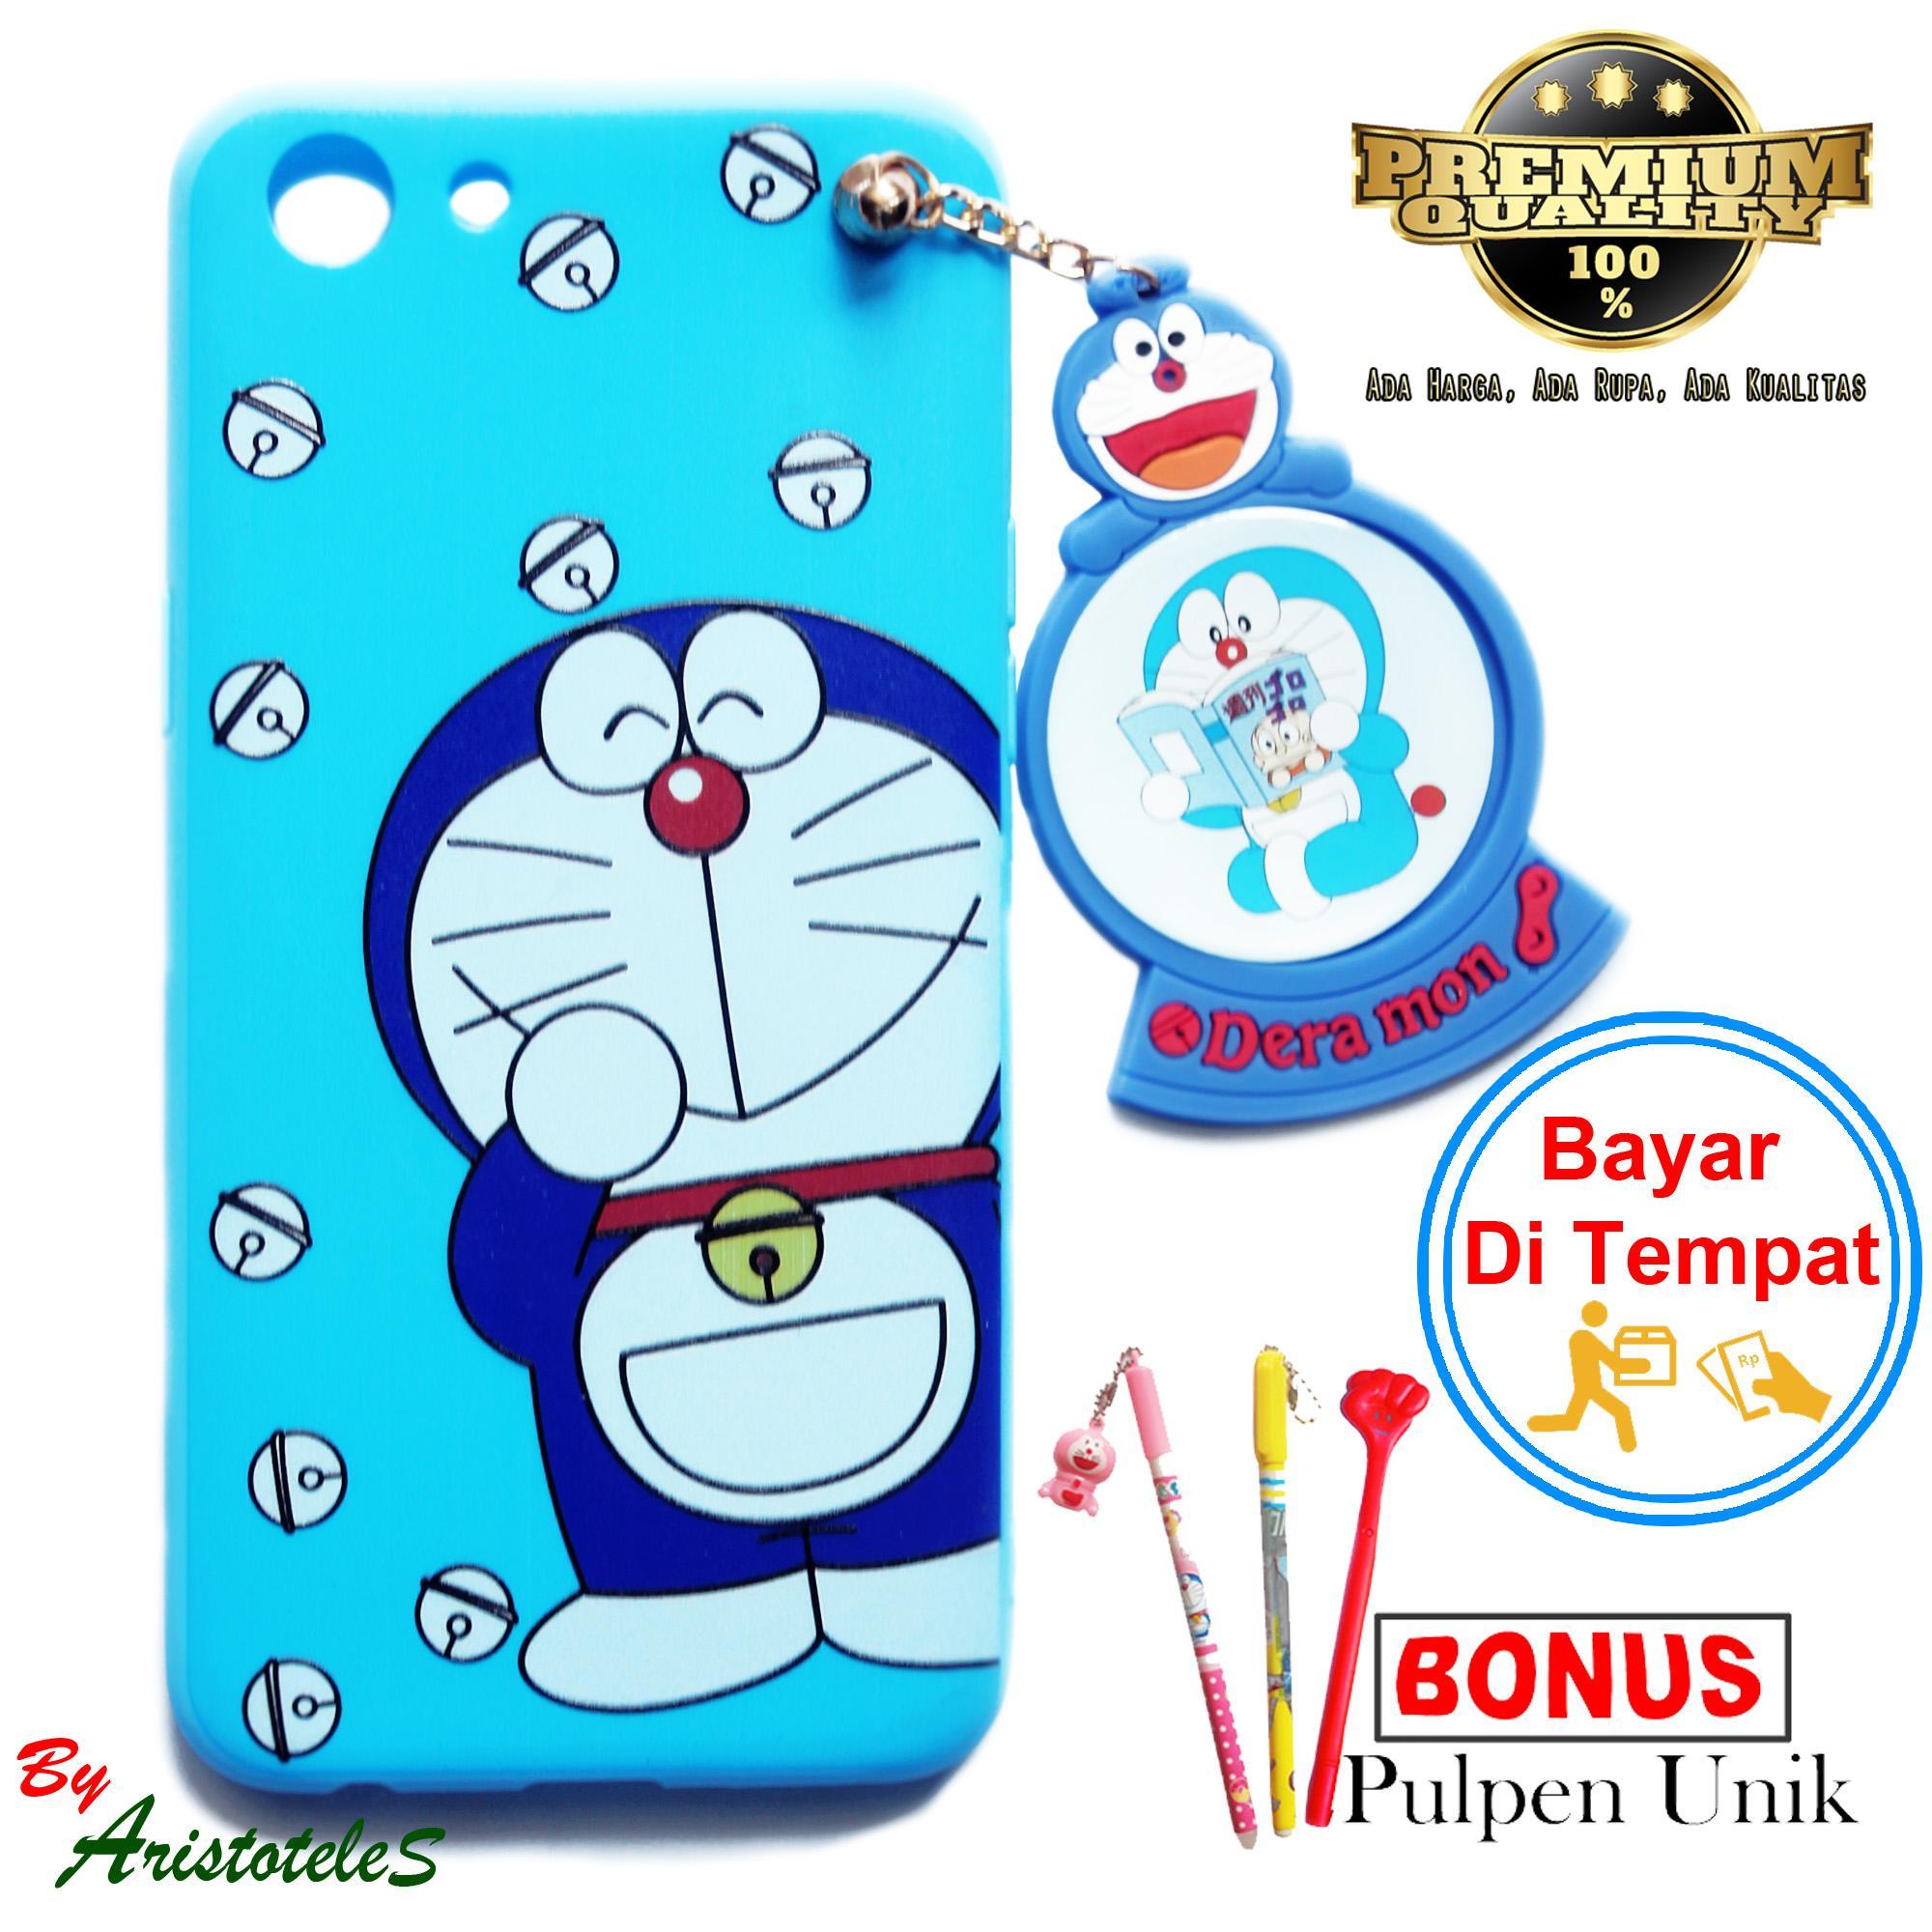 Detail Gambar Soft Case Karakter Doraemon + Gantungan Fro Oppo A83 Free Pulpen Unik Terbaru